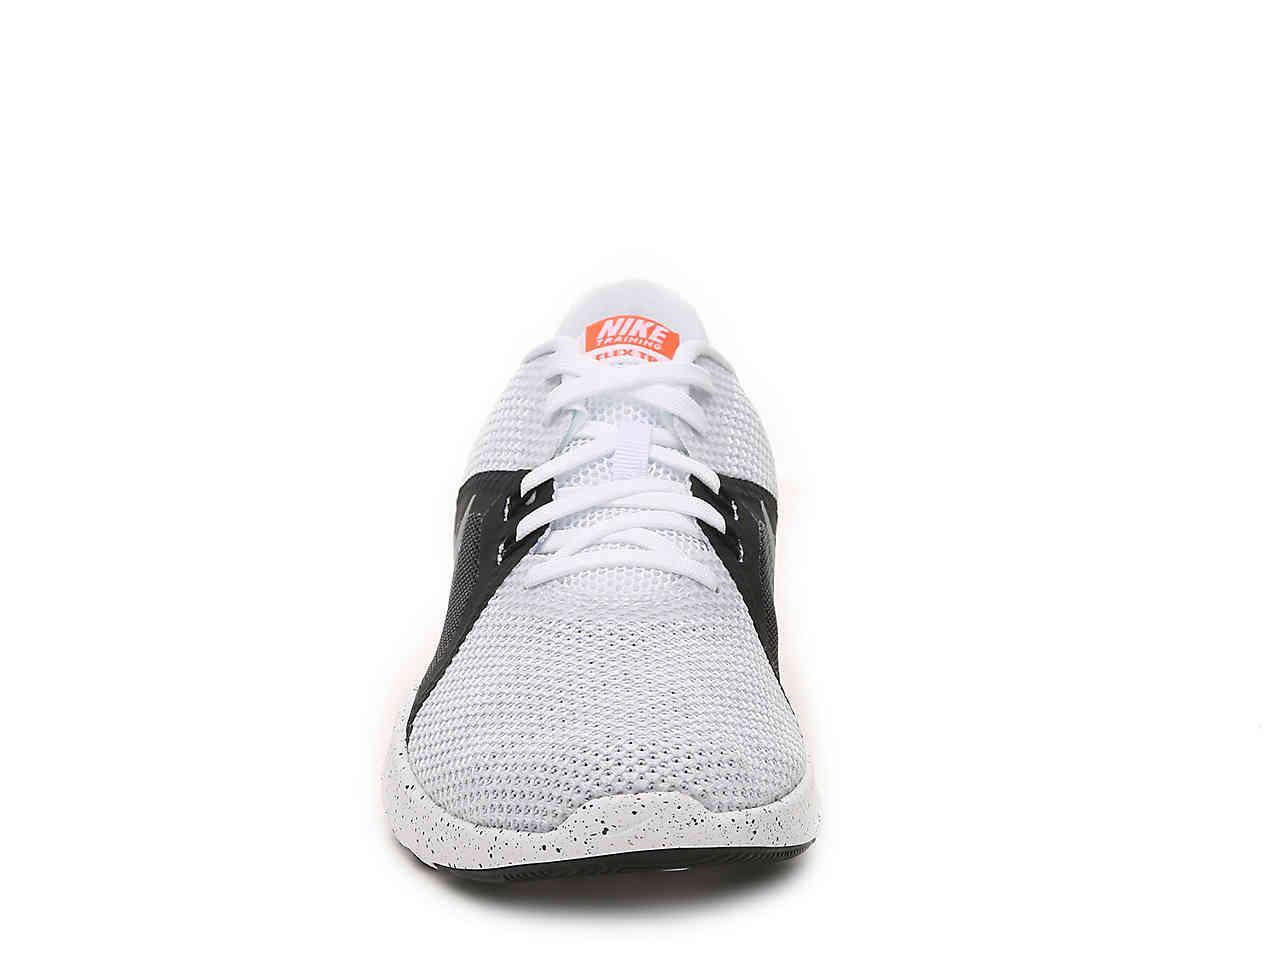 8b87bcfff507 ... canada lyst nike flex tr 8 lightweight training shoe d499c a4d1b